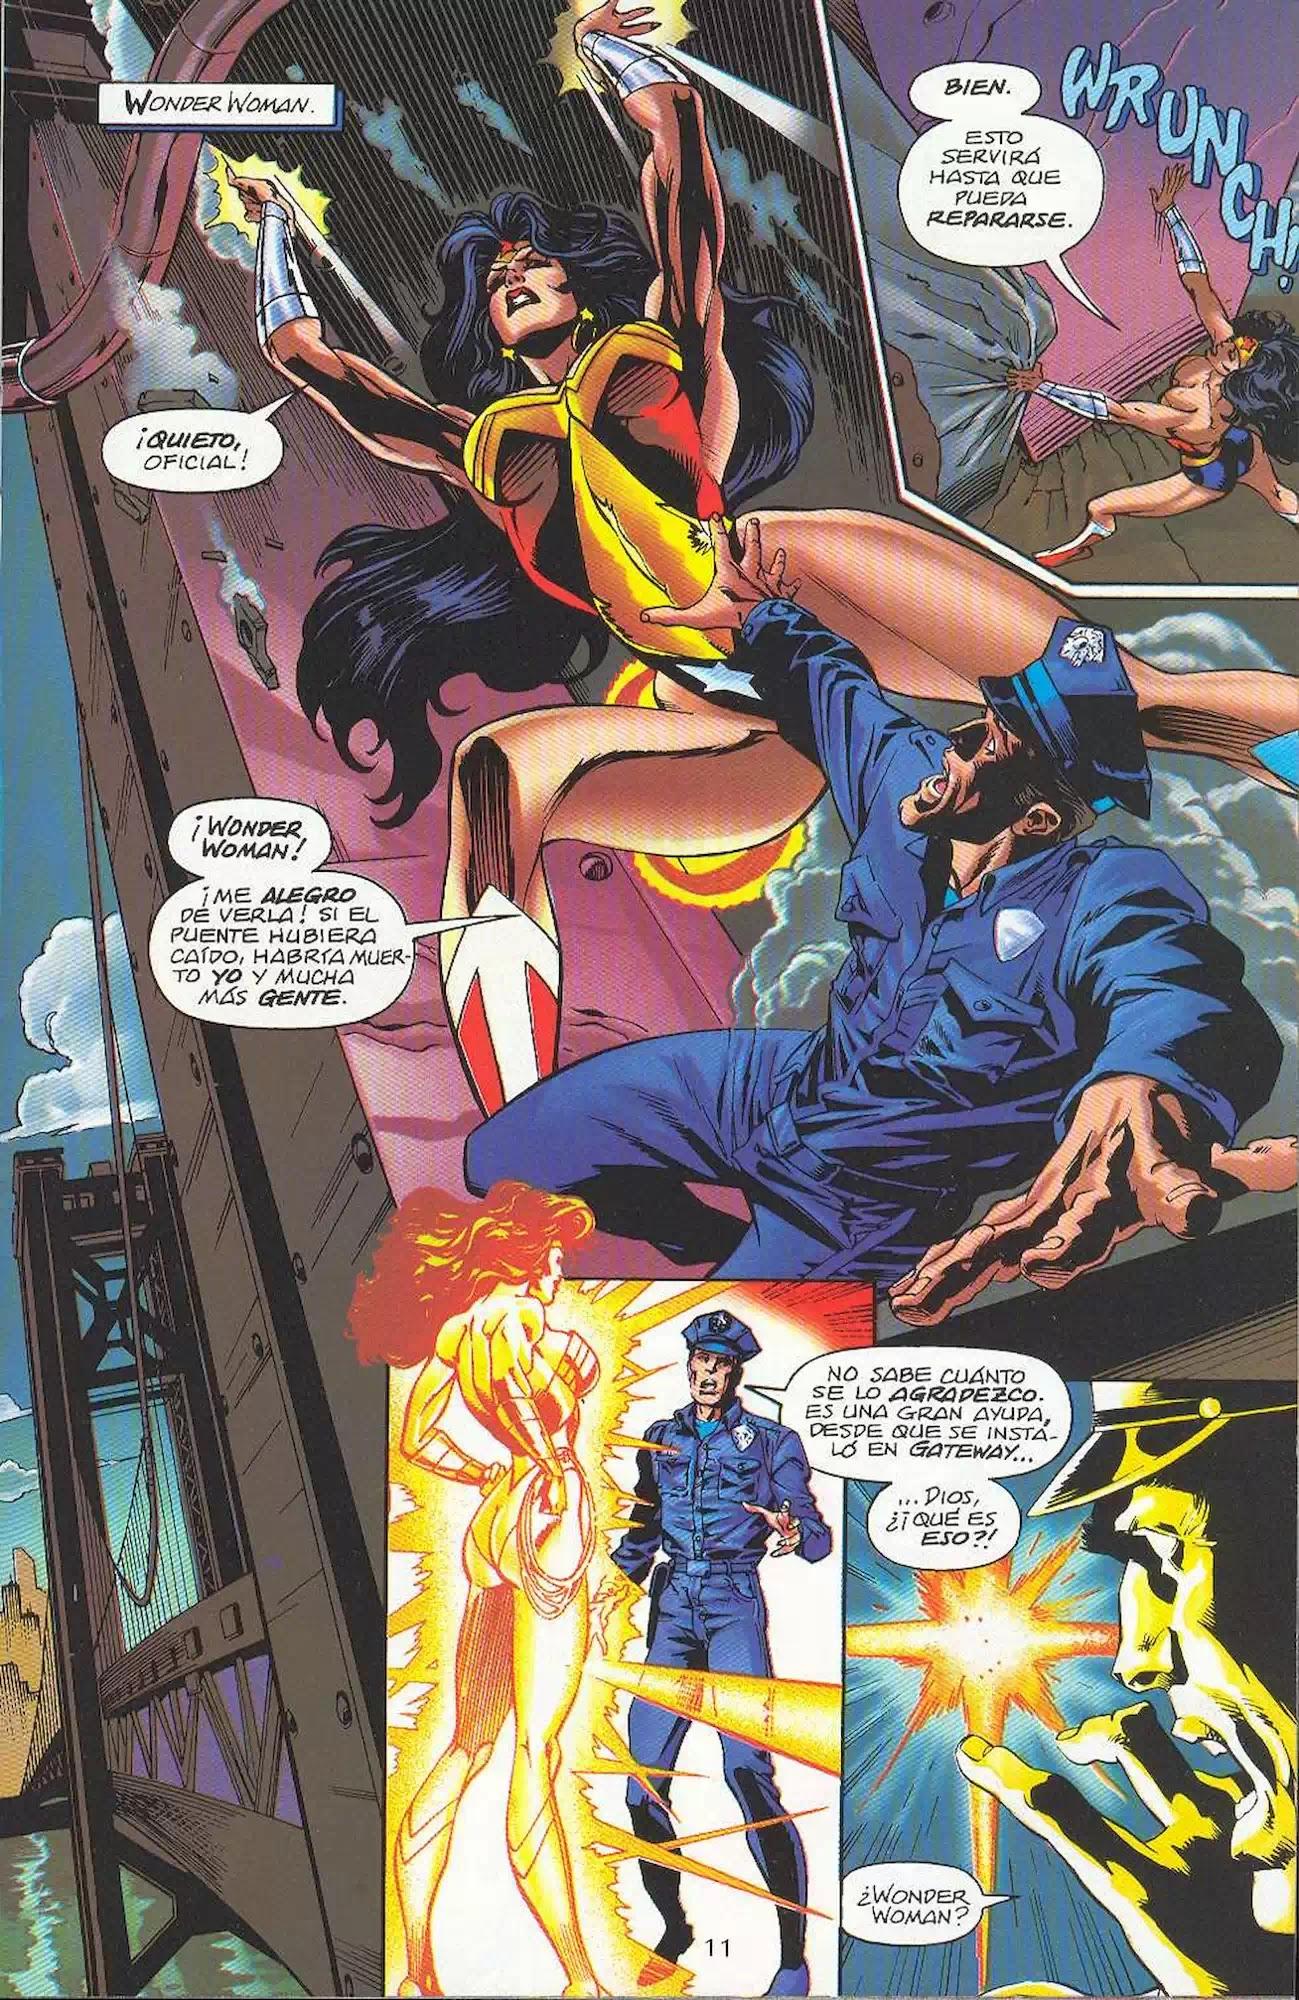 Marvel vs. DC #1